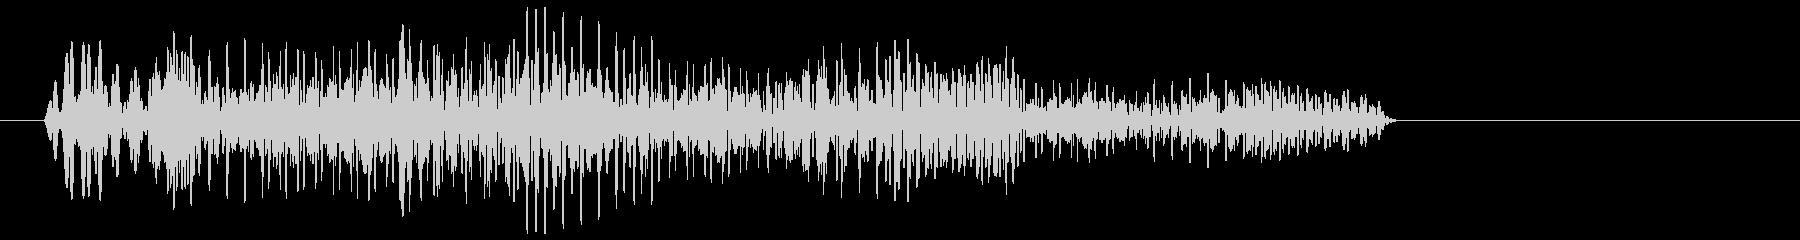 ポヤヤ〜ン(レトロでユニークな効果音)の未再生の波形